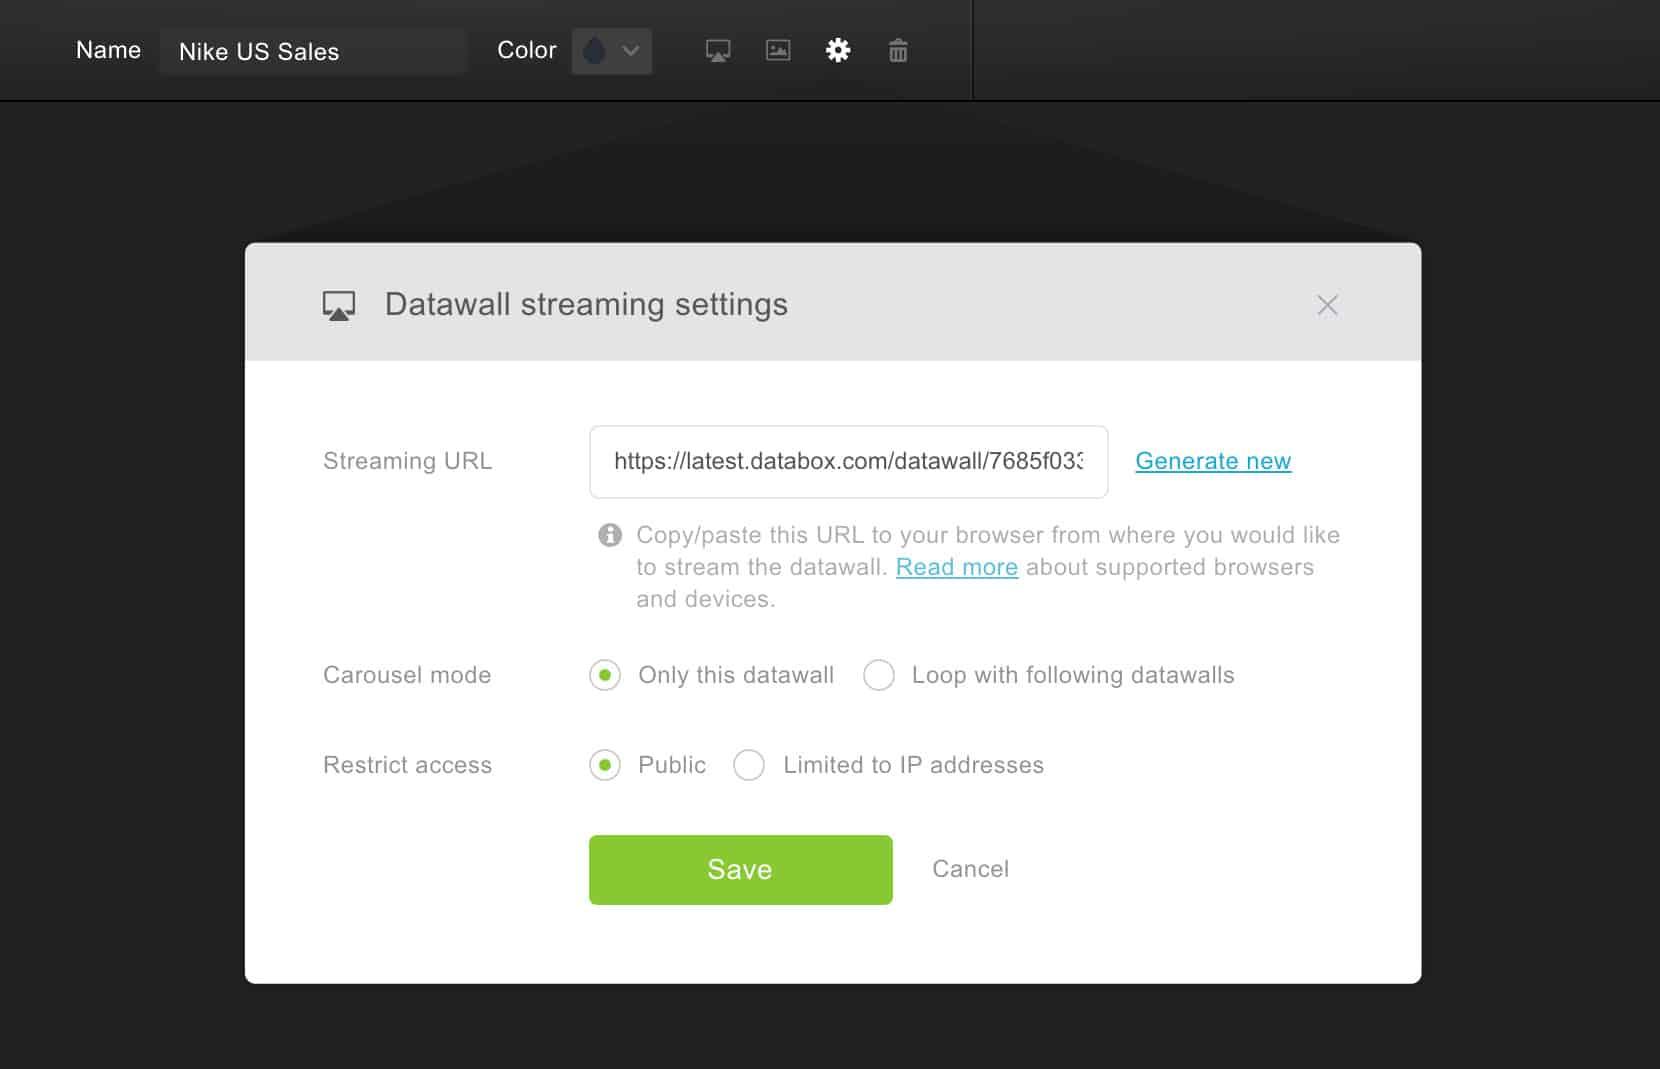 datawall_streaming_settings